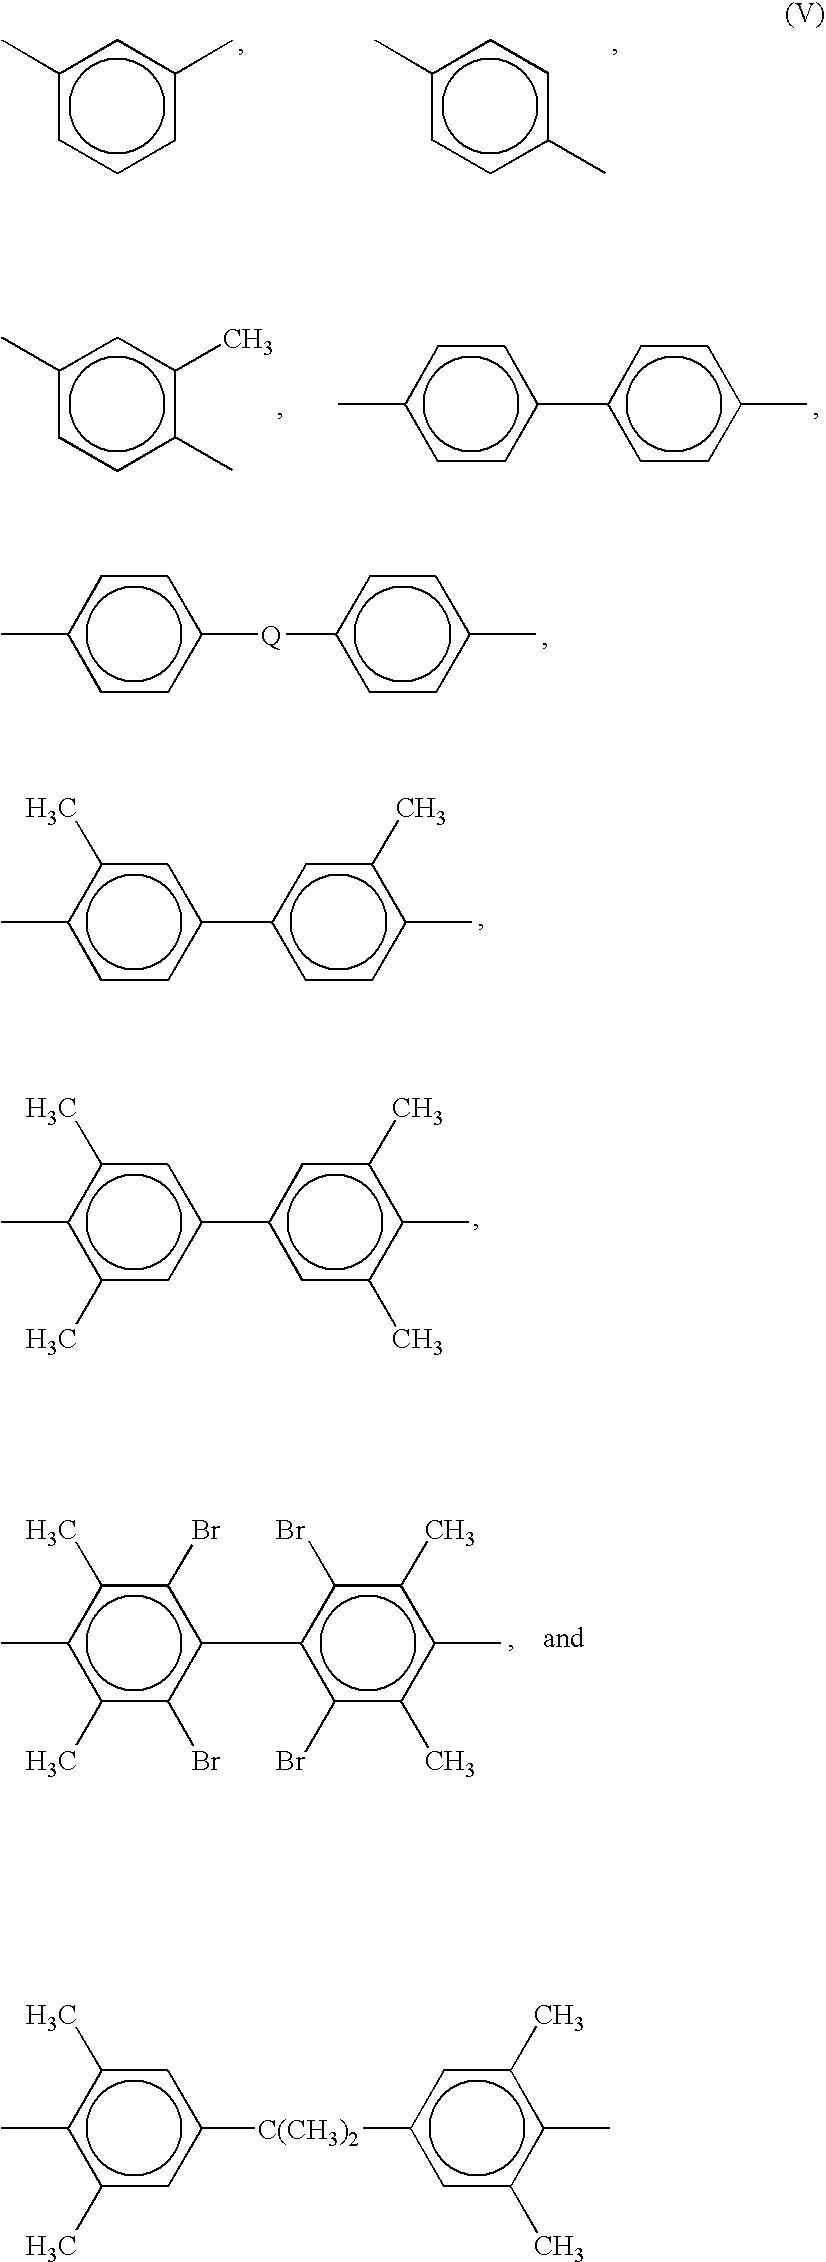 Figure US20070299215A1-20071227-C00009